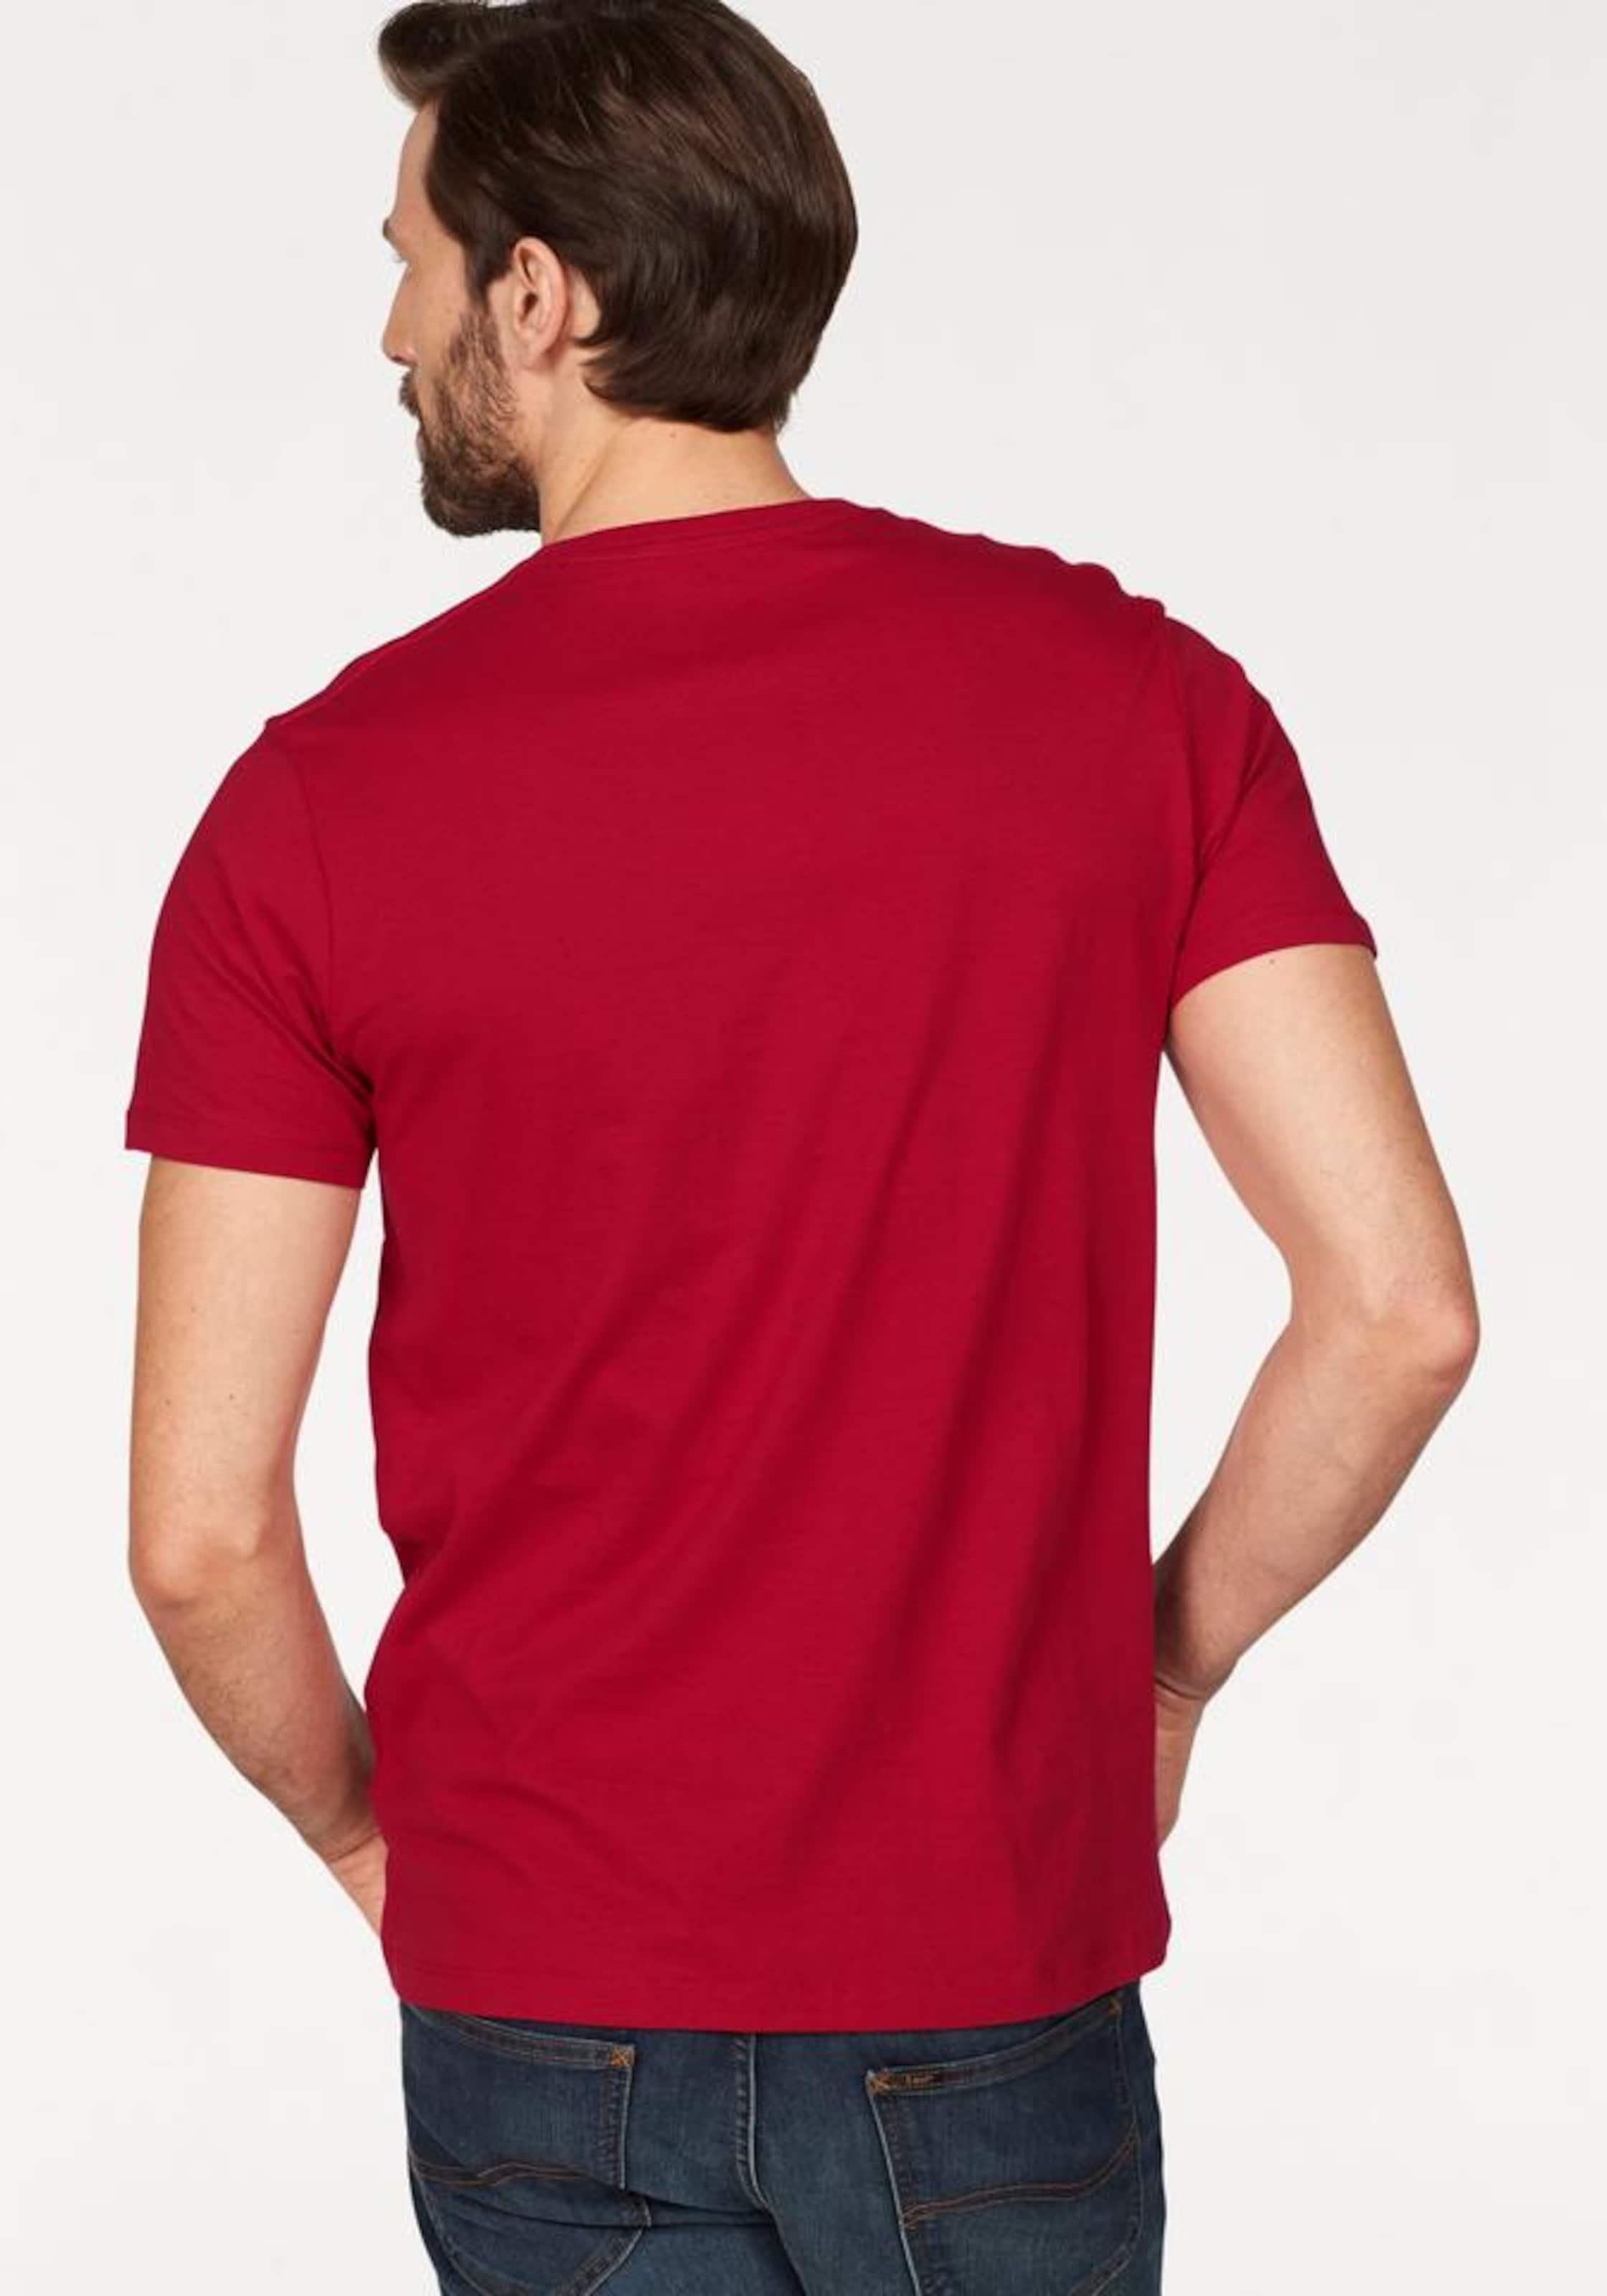 Verkauf Wahl ESPRIT T-Shirt  Wie Viel Großer Rabatt Billig Verkauf Erschwinglich F68J1gW